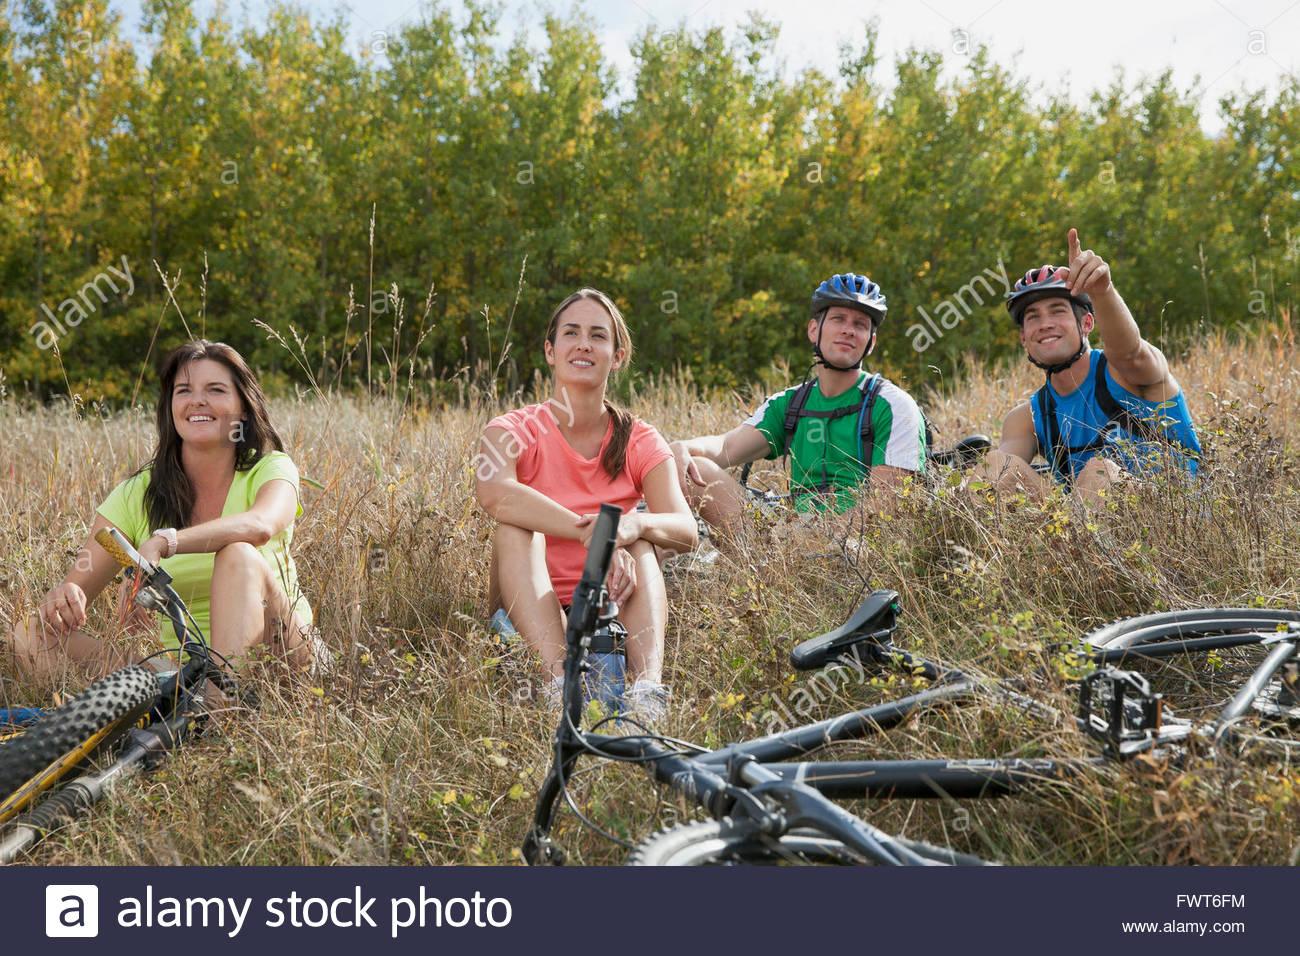 Quatre personnes dans la zone de détente avec des vélos. Photo Stock